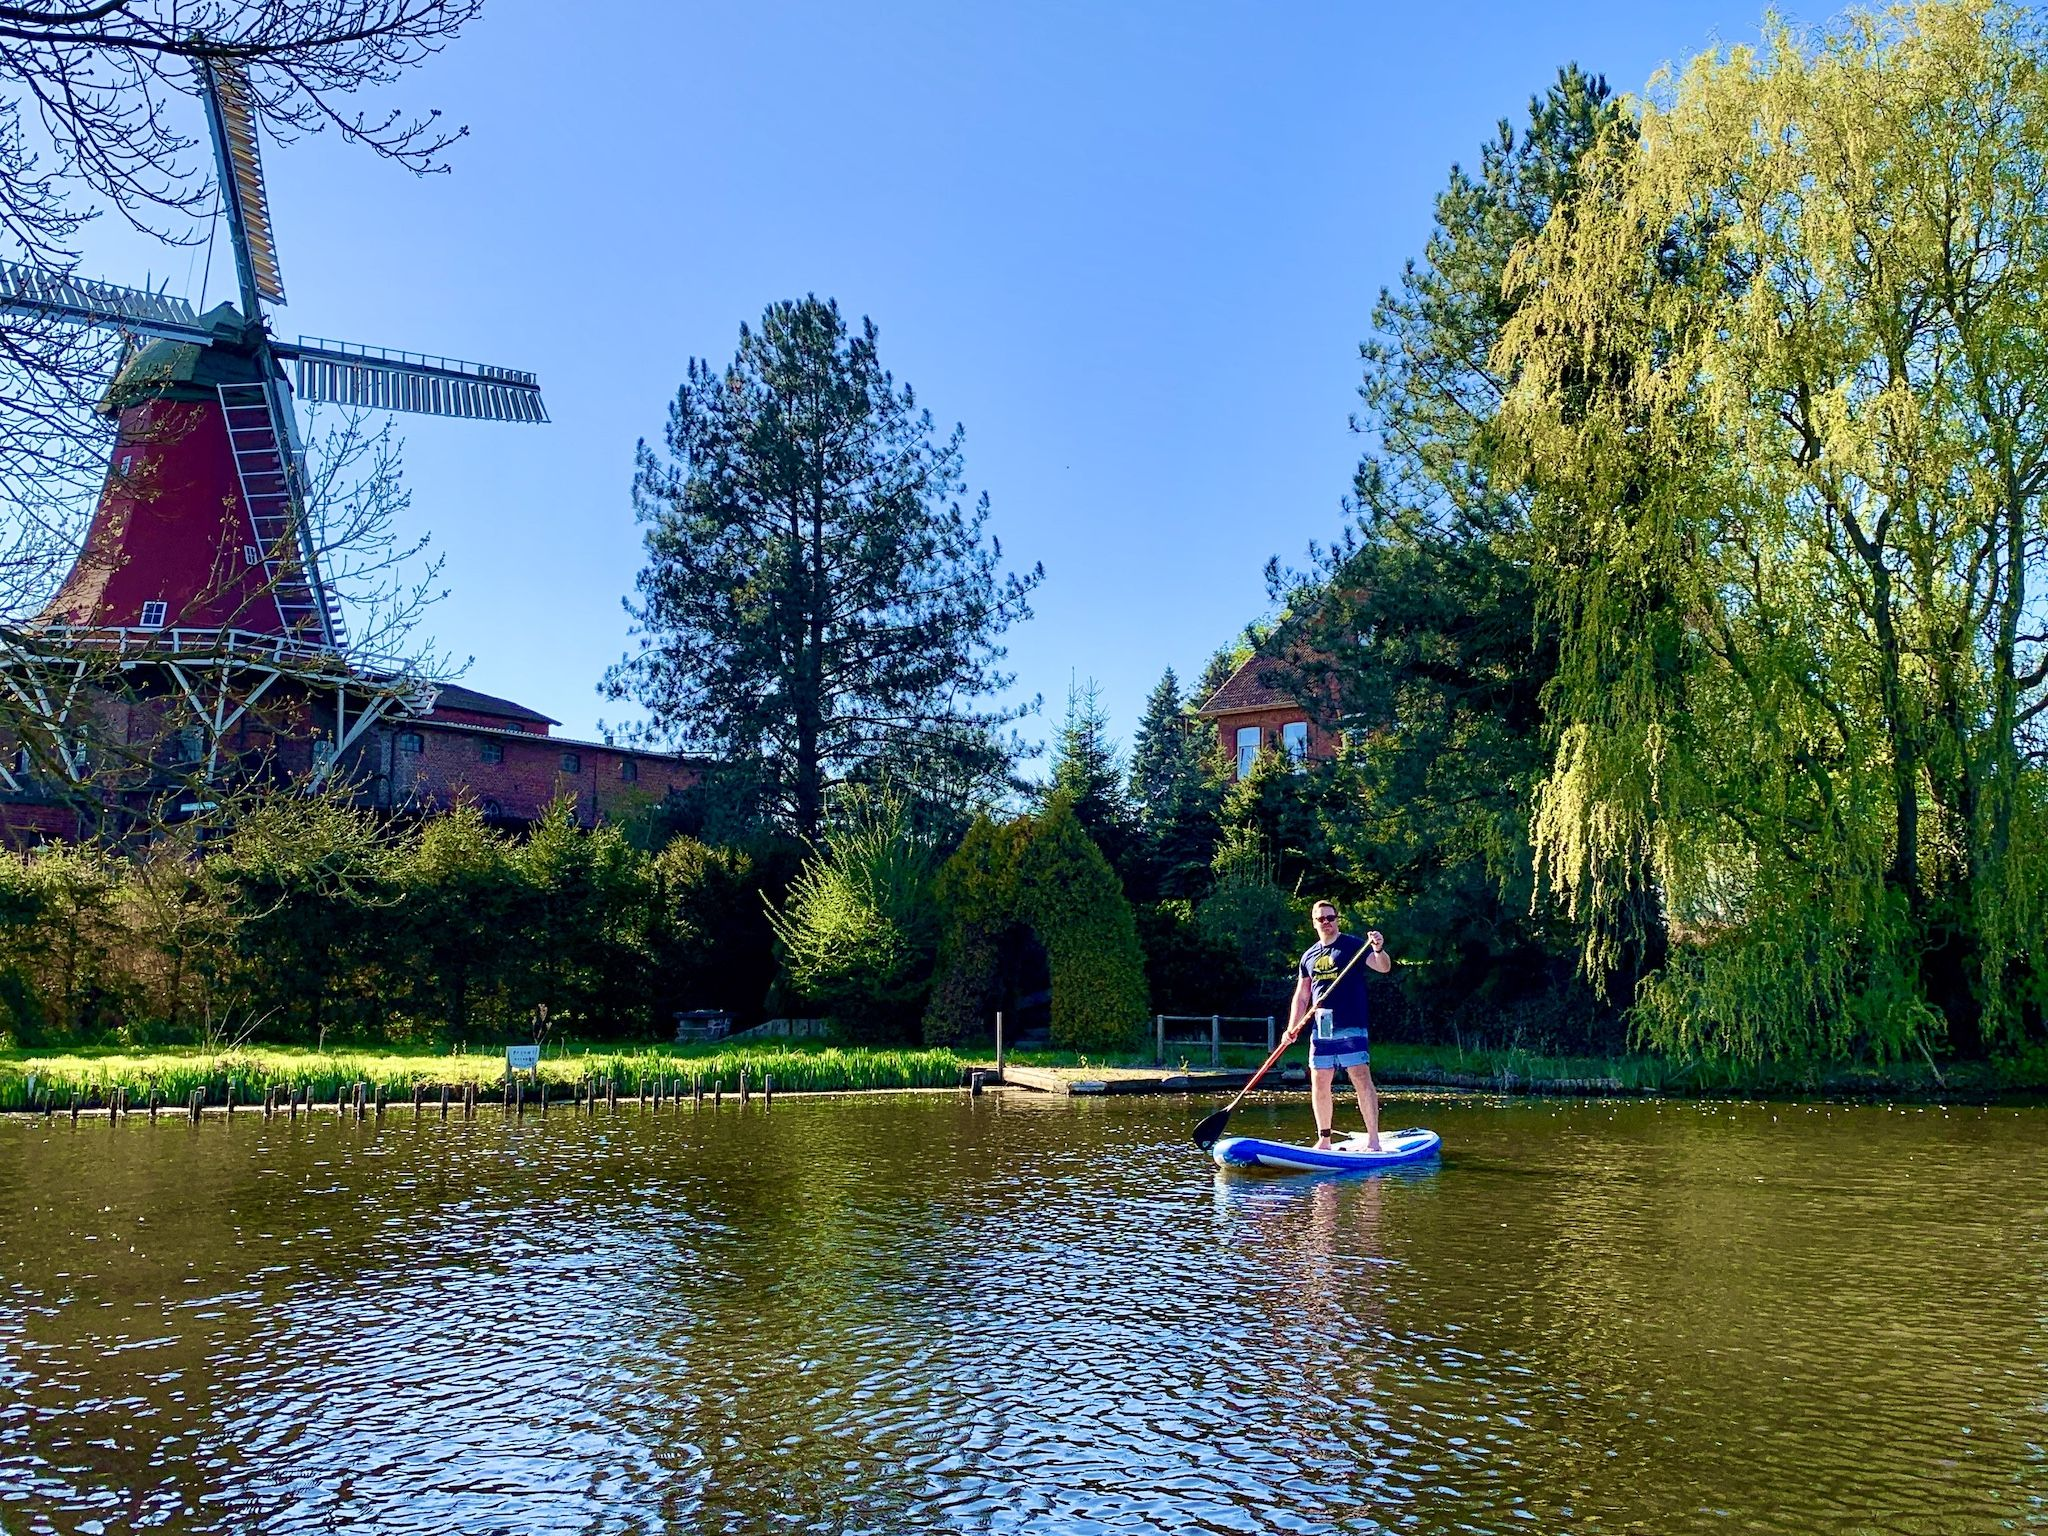 SUP auf der Dove Elbe: Wie ist das Stand Up Paddling im Südosten von Hamburg? Foto: Michael B.